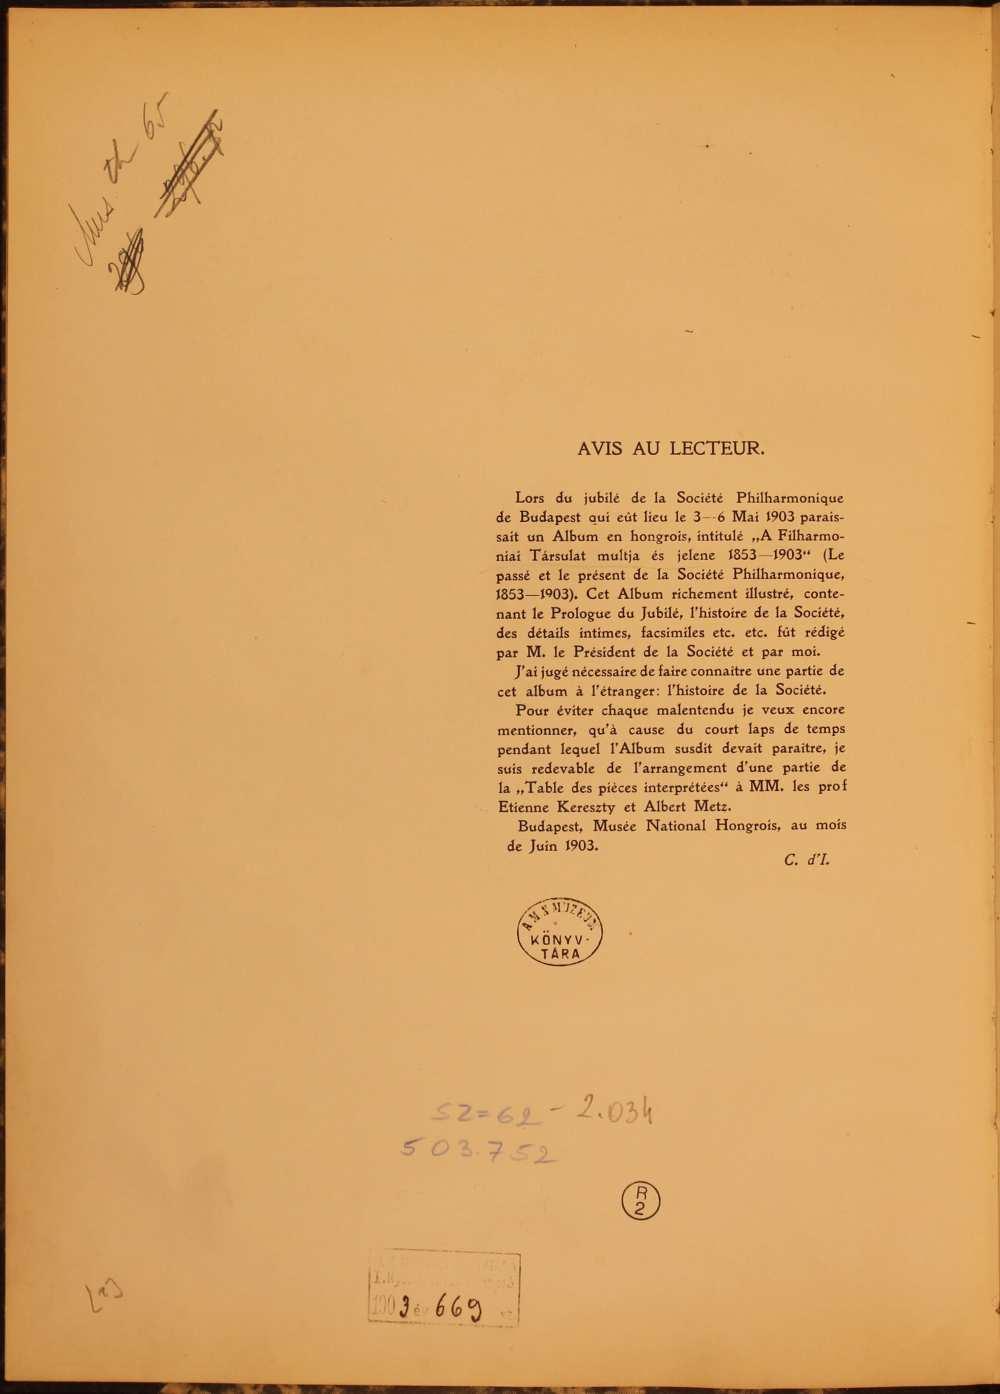 Isoz A Filharmóniai Társulat múltja és jelene című tanulmányának francia nyelvű kiadása. Bevezető. A kiadvány címlap-versója. (Az oldalon jól megfigyelhető a könyvtár jelzetelési gyakorlatának változása, mely egyben a zenei gyűjtemény kialakulásának néhány momentumát rögzíti.) Coloman d' Isoz: L'histoire de la Société Philharmonique Hongroise 1853–1903, Budapest, Hornyánszky Impr., 1903. – Törzsgyűjtemény http://nektar.oszk.hu/hu/manifestation/3185368